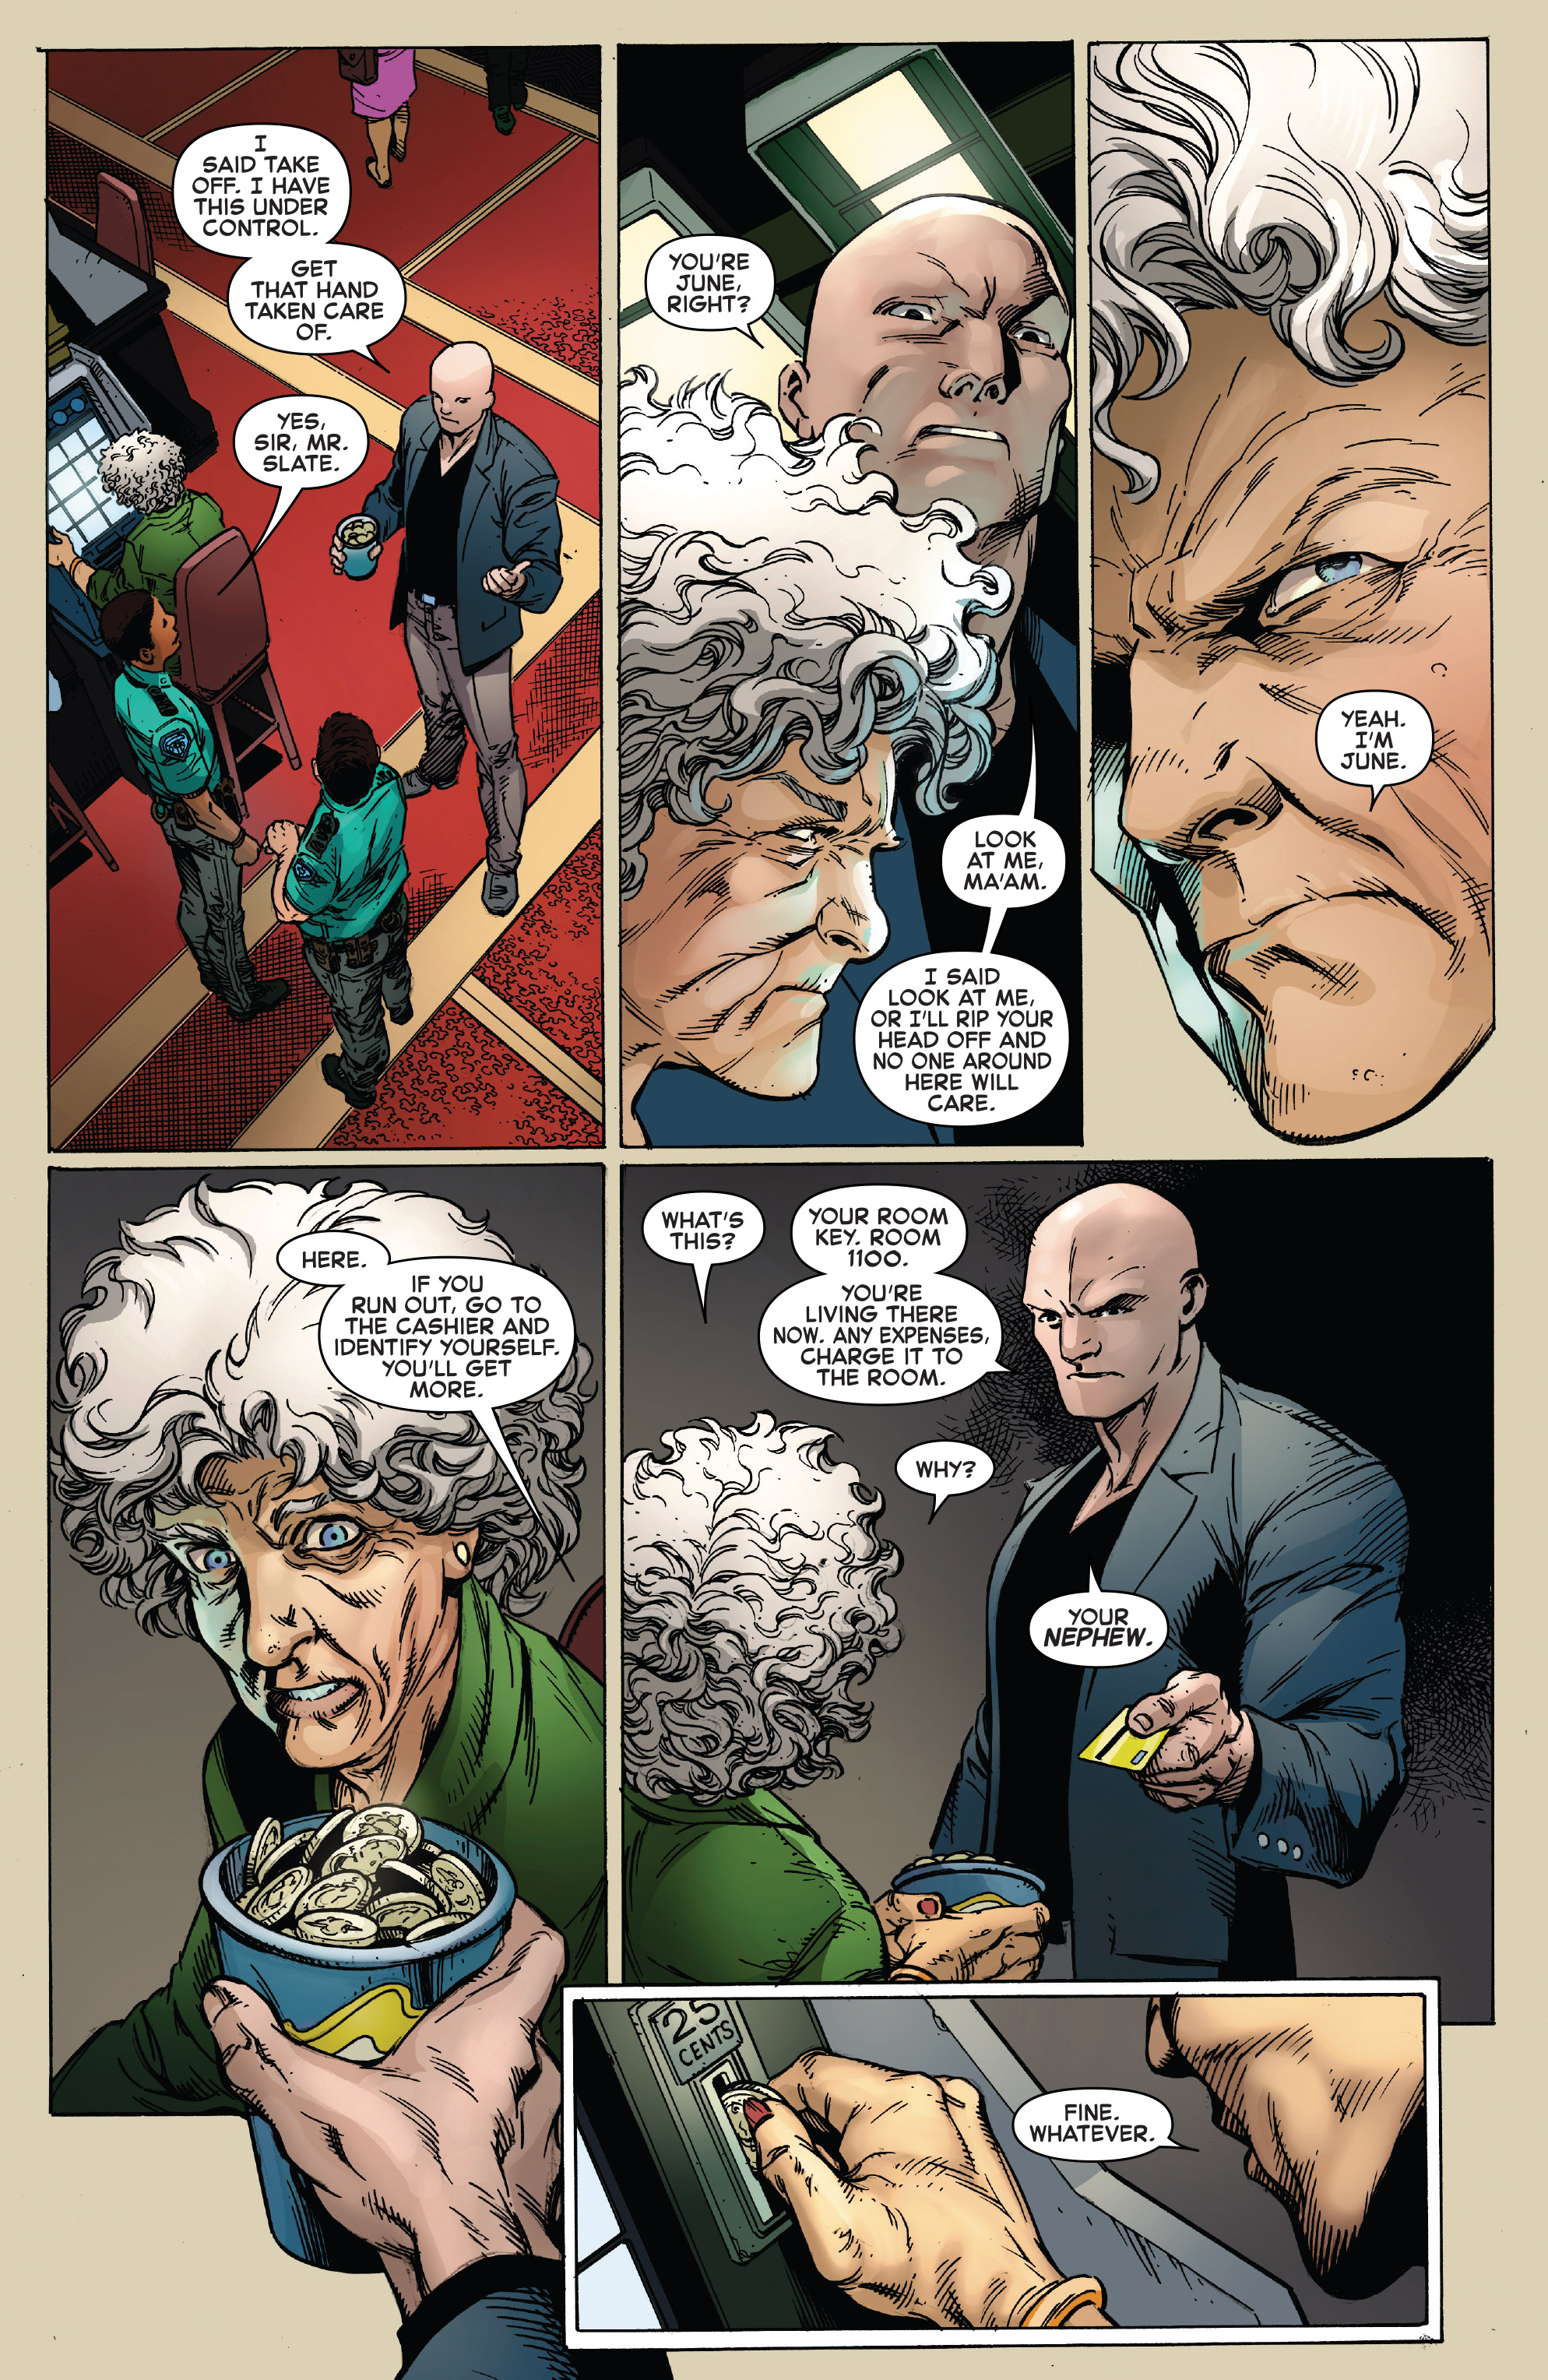 Read online Ben Reilly: Scarlet Spider comic -  Issue #2 - 19